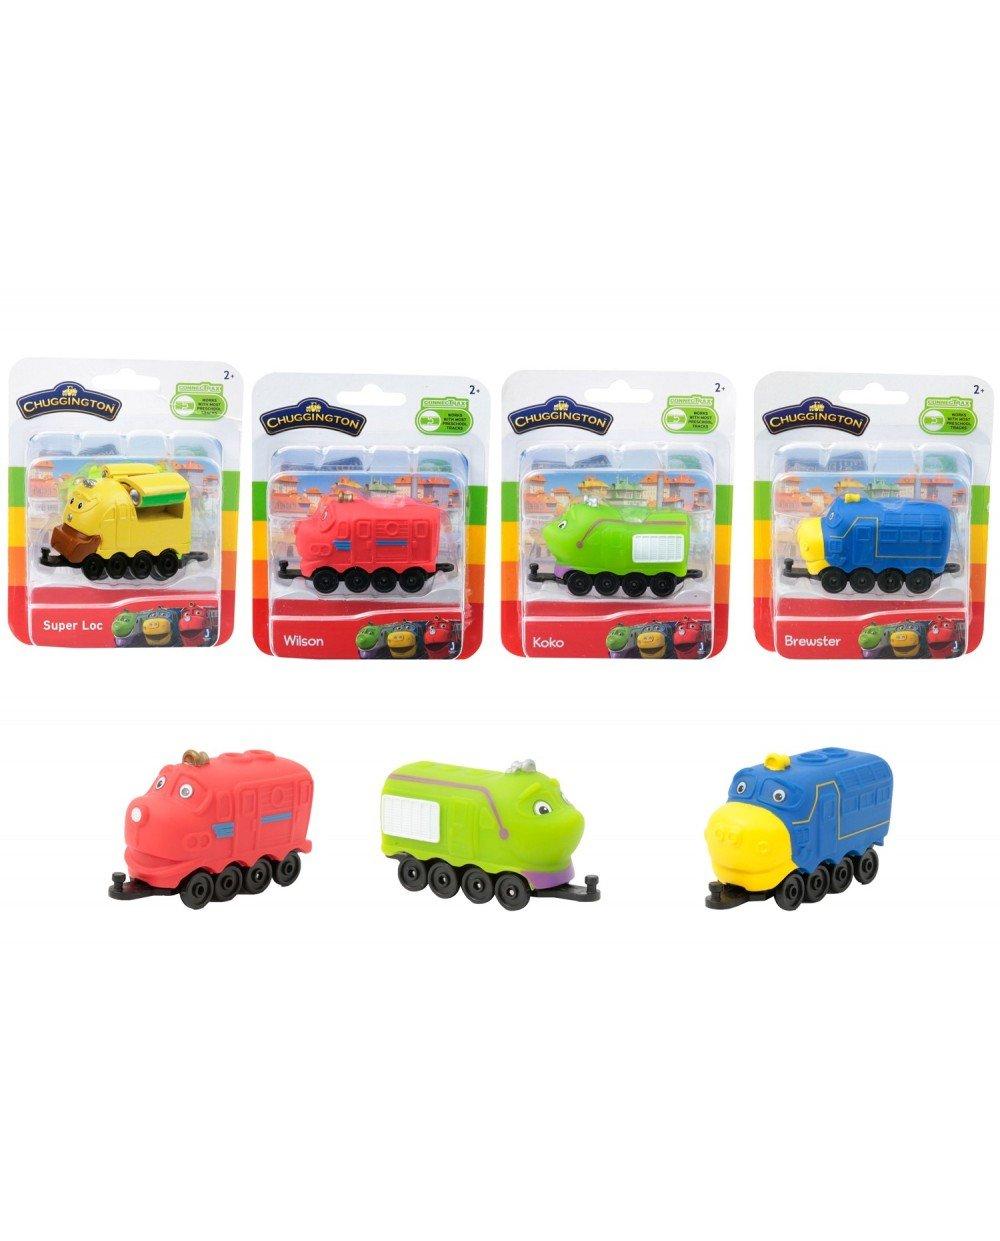 Giochi Preziosi Chuggington Train Blister W2 804, Multicoloured, 8056379050933